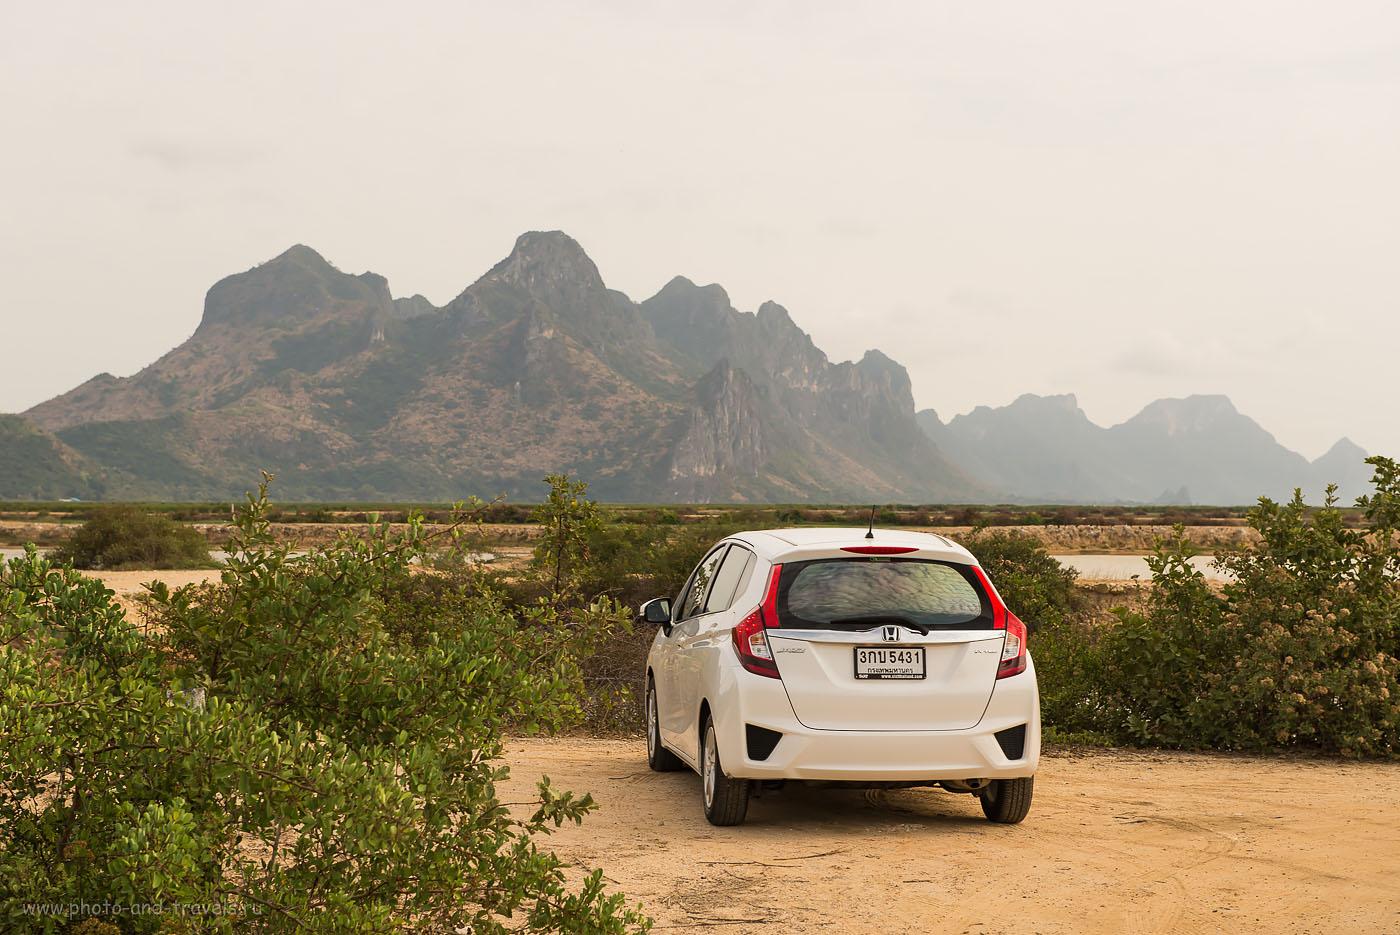 Фотография 21. За рулем арендованного автомобиля Honda Jazz мы проехали по Таиланду около 2500 км. Вид ссзади